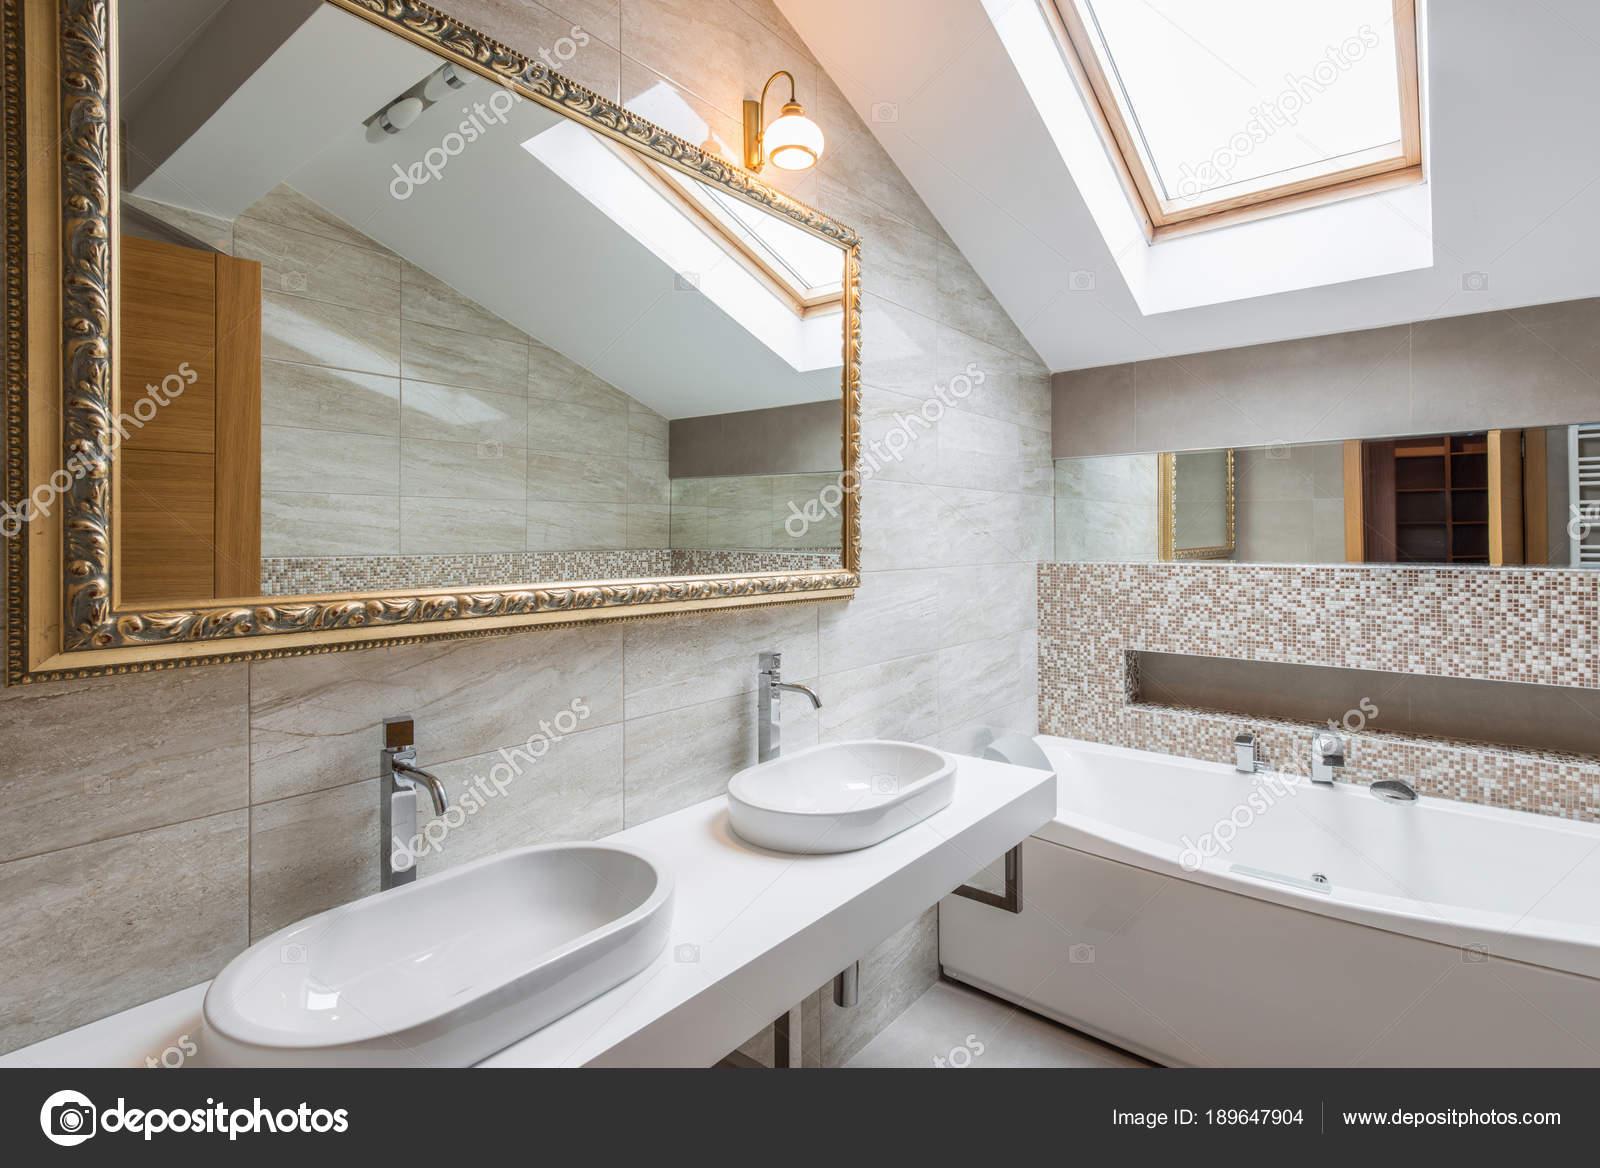 Luxe Badkamer Interieur : Interieur van een luxe badkamer in loft appartement u2014 stockfoto © dr